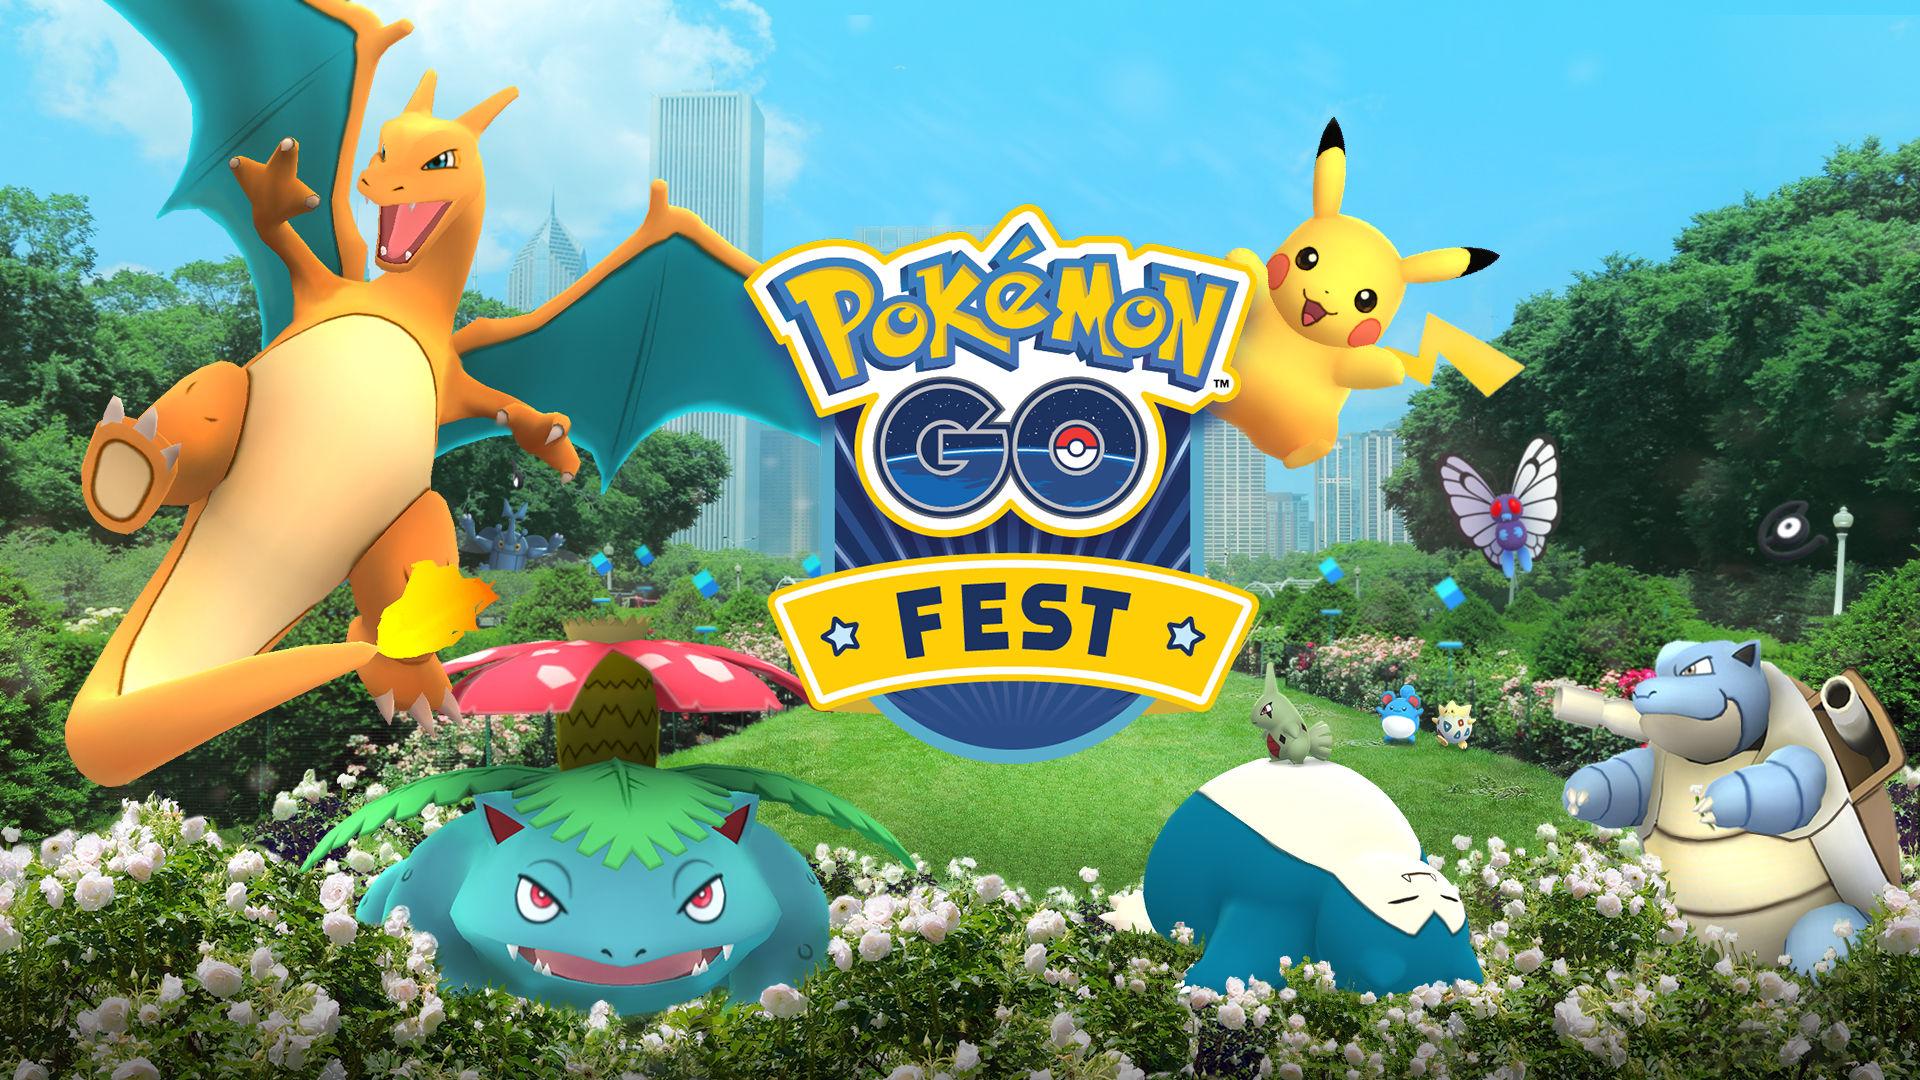 Pokémon Go laddar inför ettårsjubileum